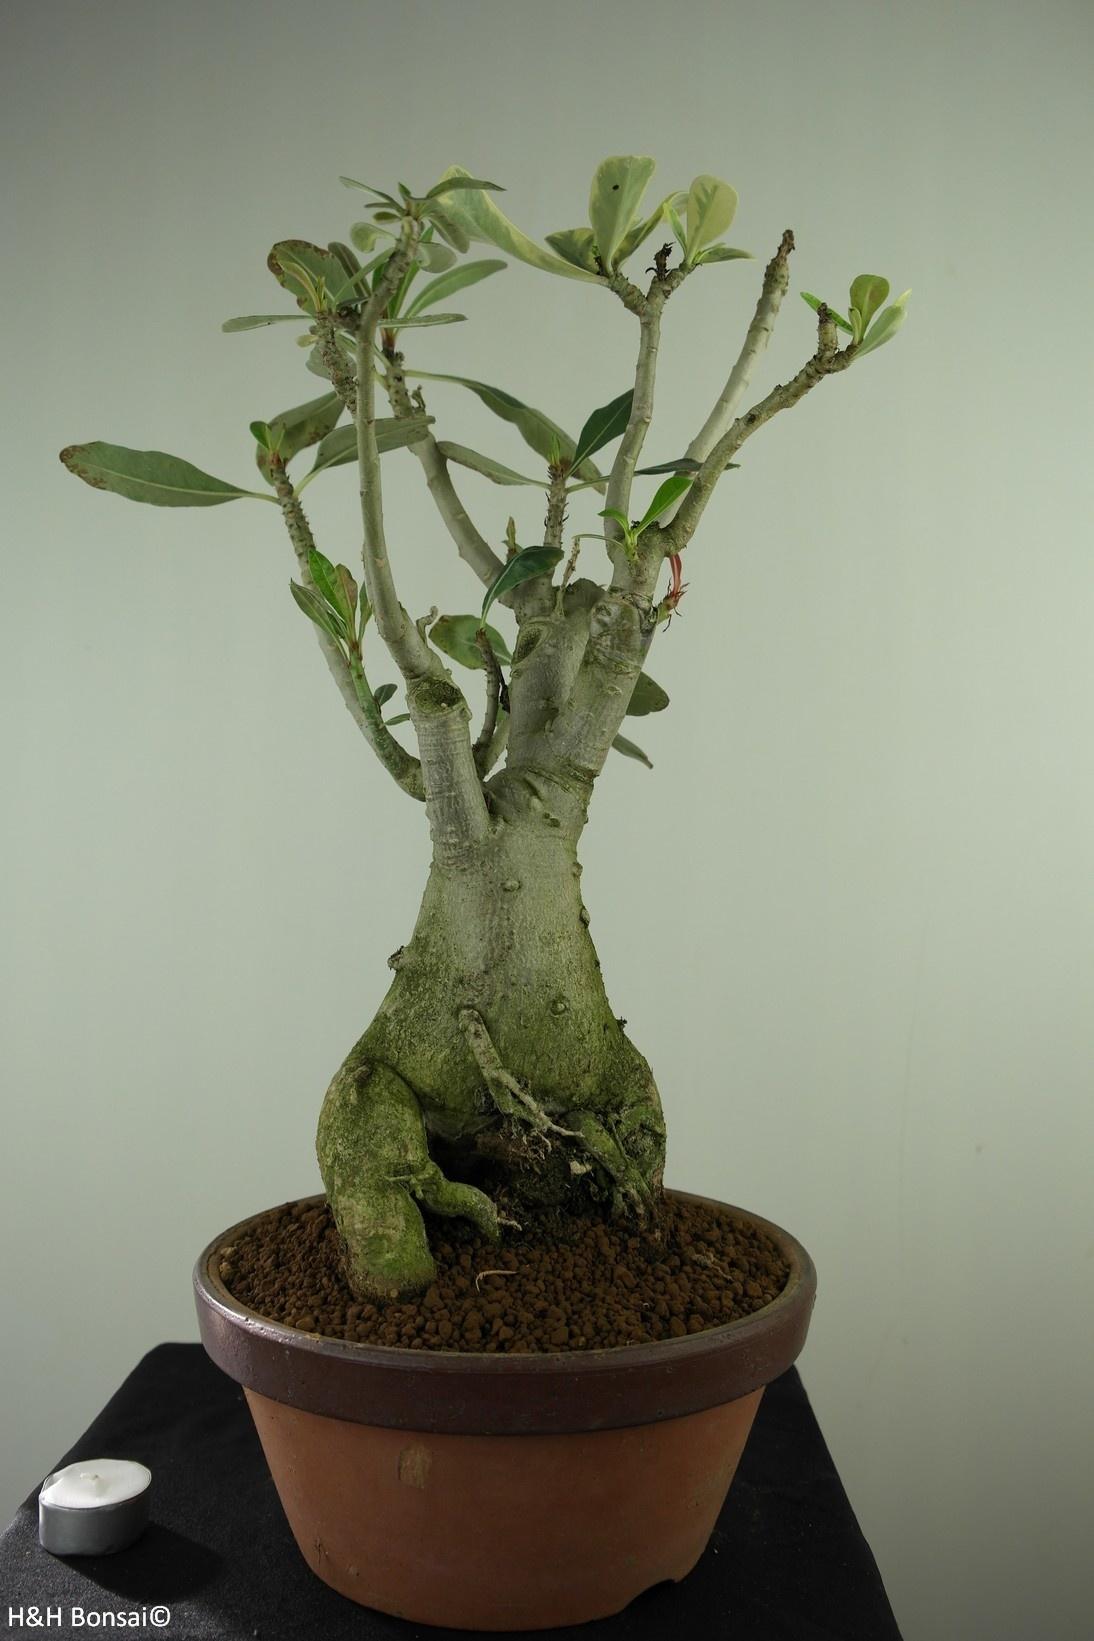 Adenium obesum,variegata, no. 7759